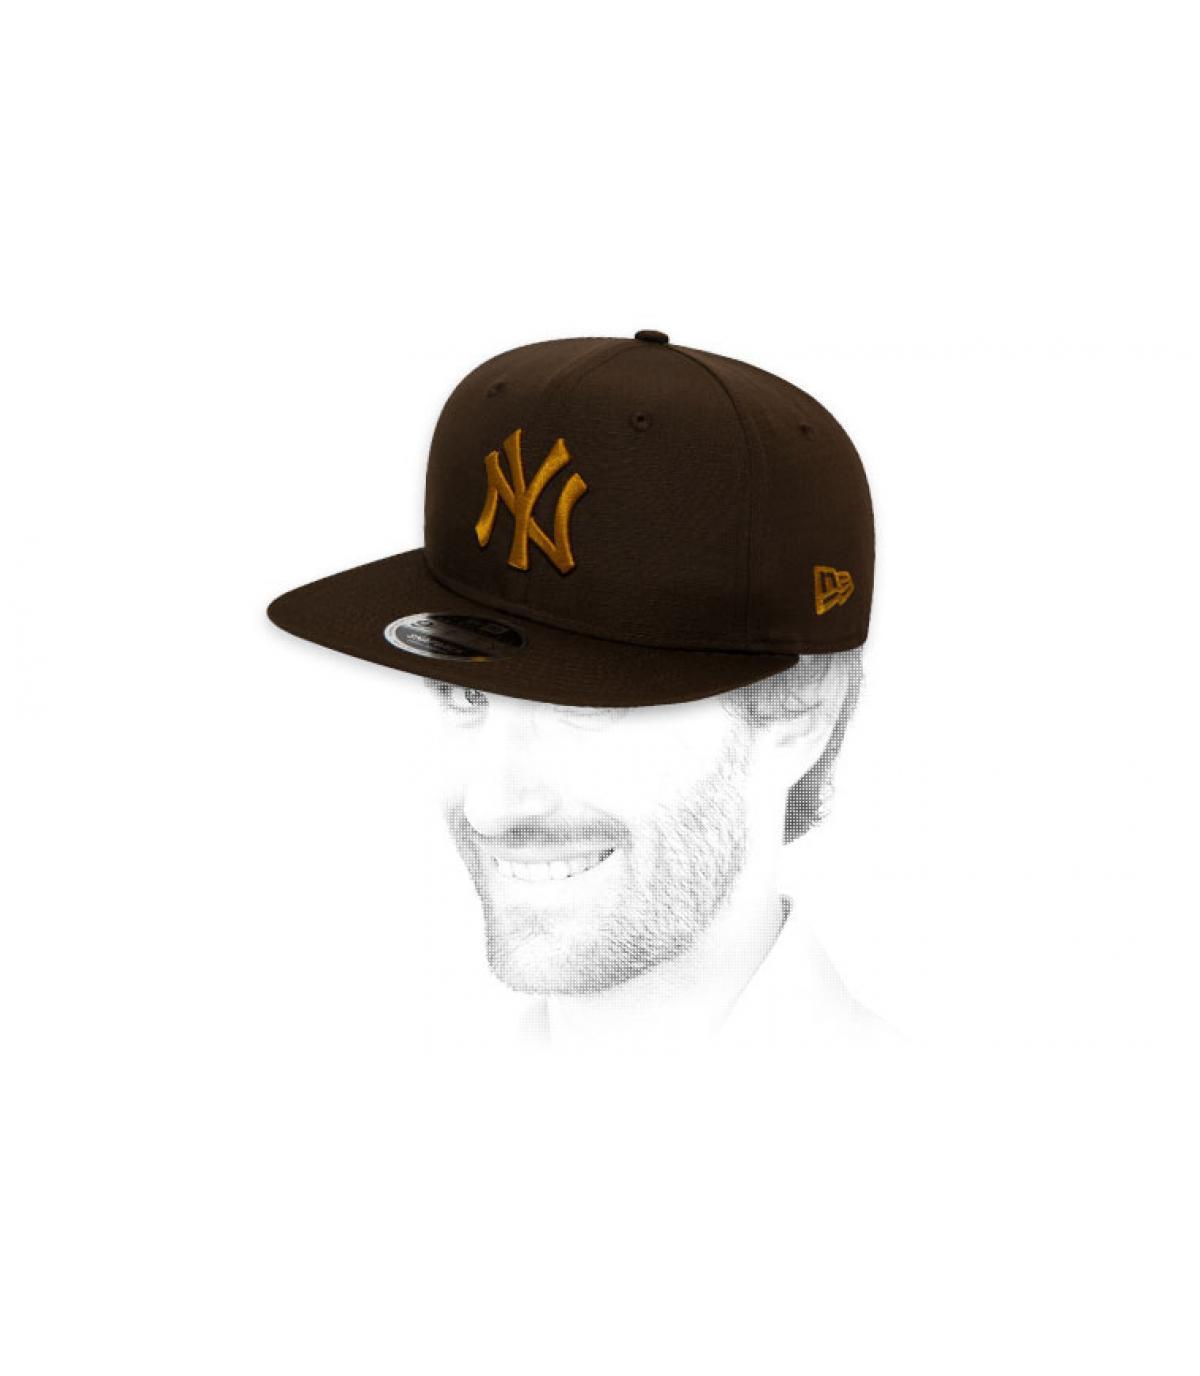 black gold NY snapback